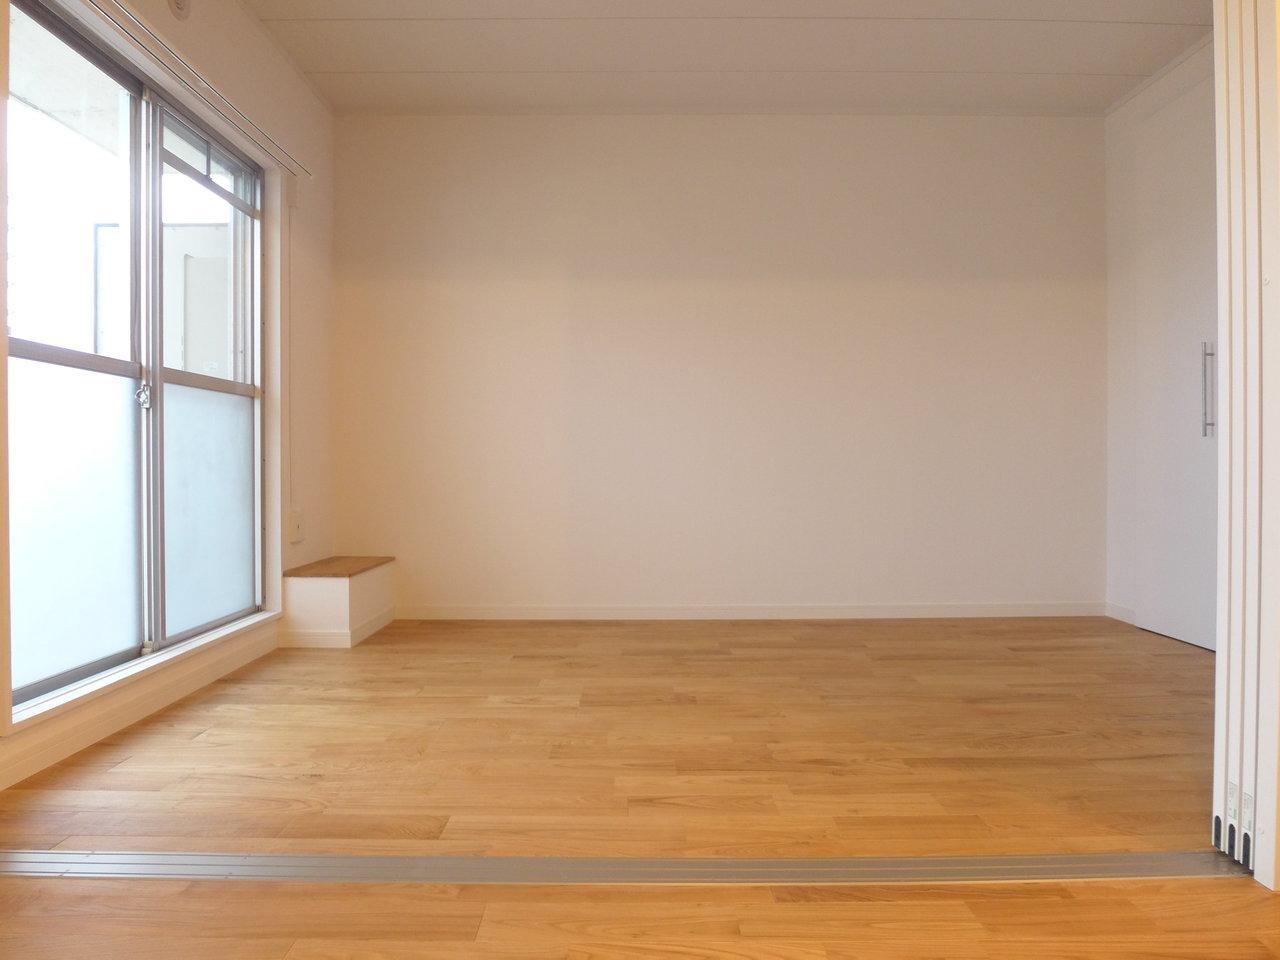 リビングとつながったところにある洋室は、仕切ることも開け放しておくこともできますよ。無垢材の床も温かみがあっていいですよね。